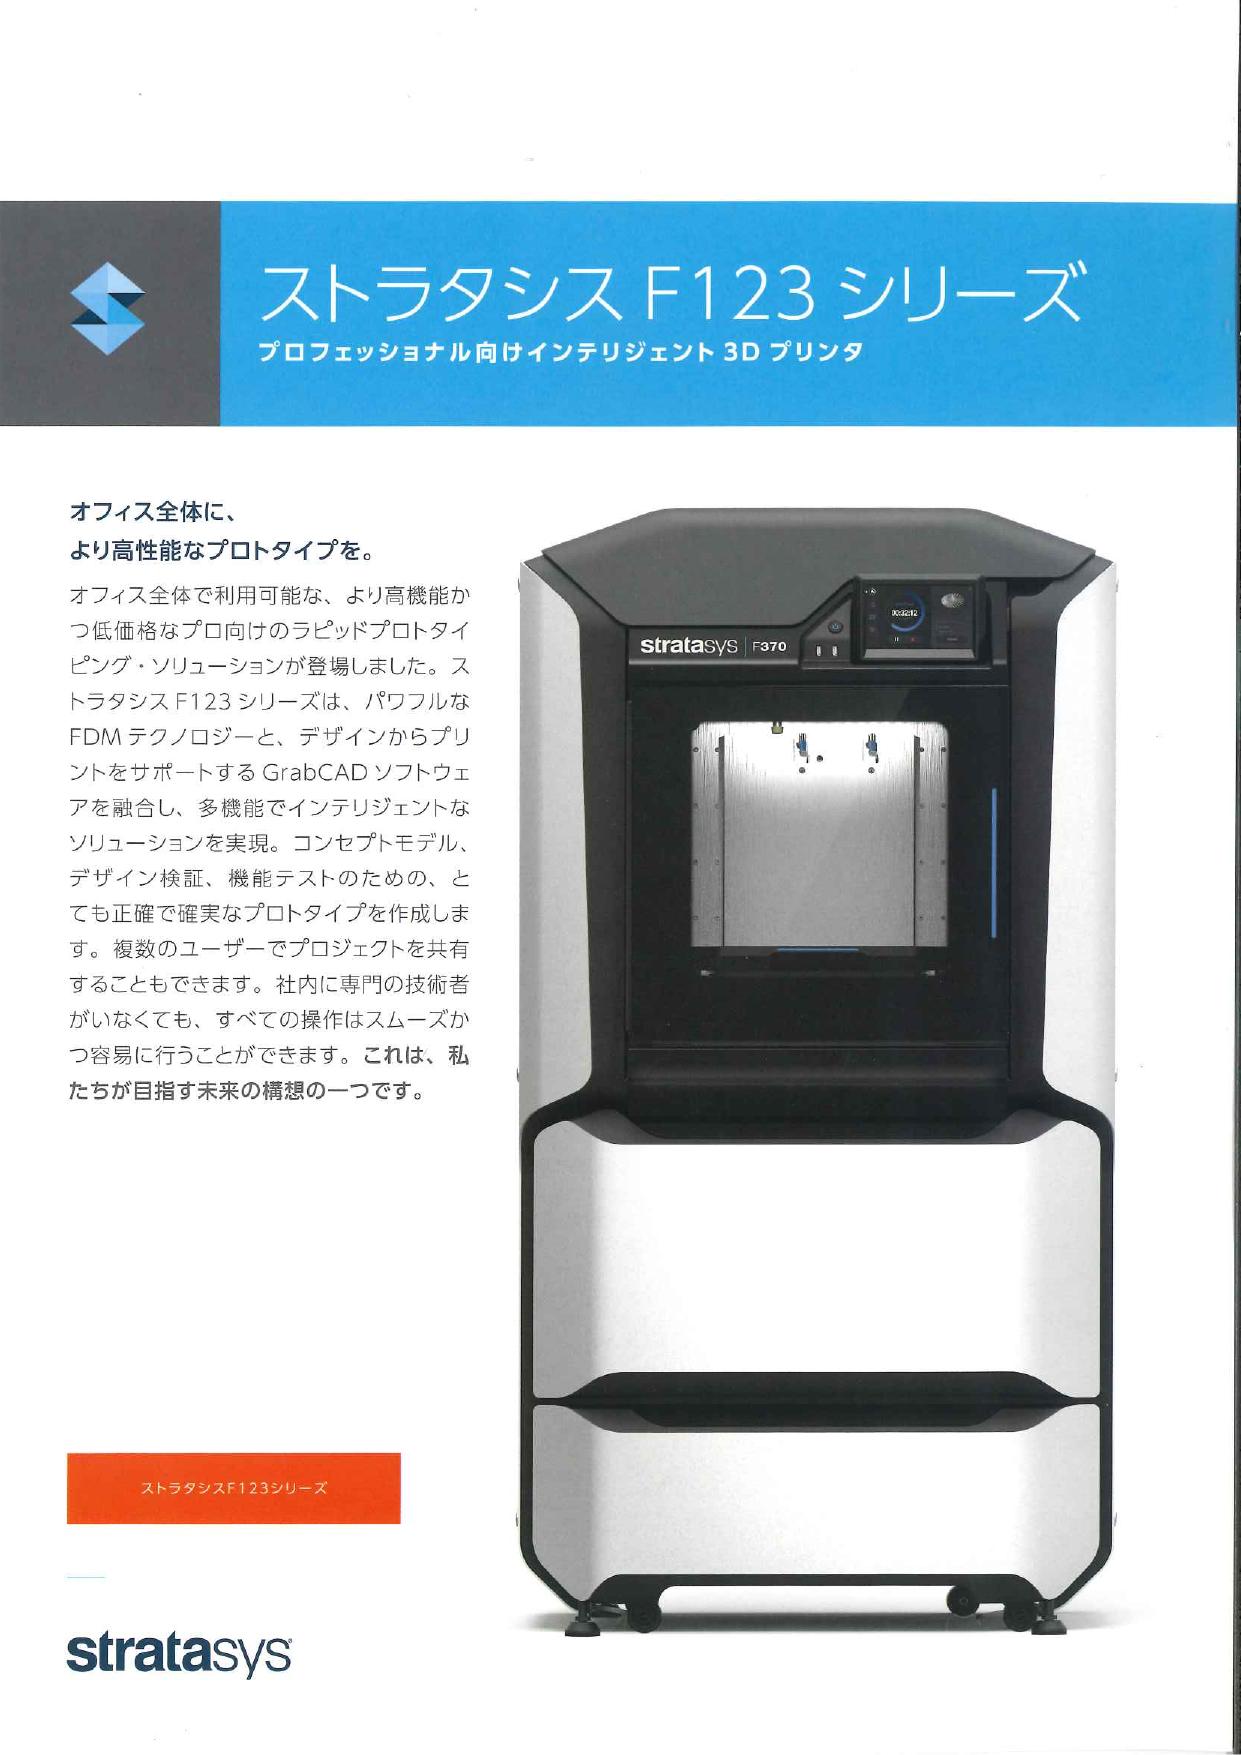 プロフェッショナル向けFDM 3Dプリンタ ストラタシスF123シリーズ